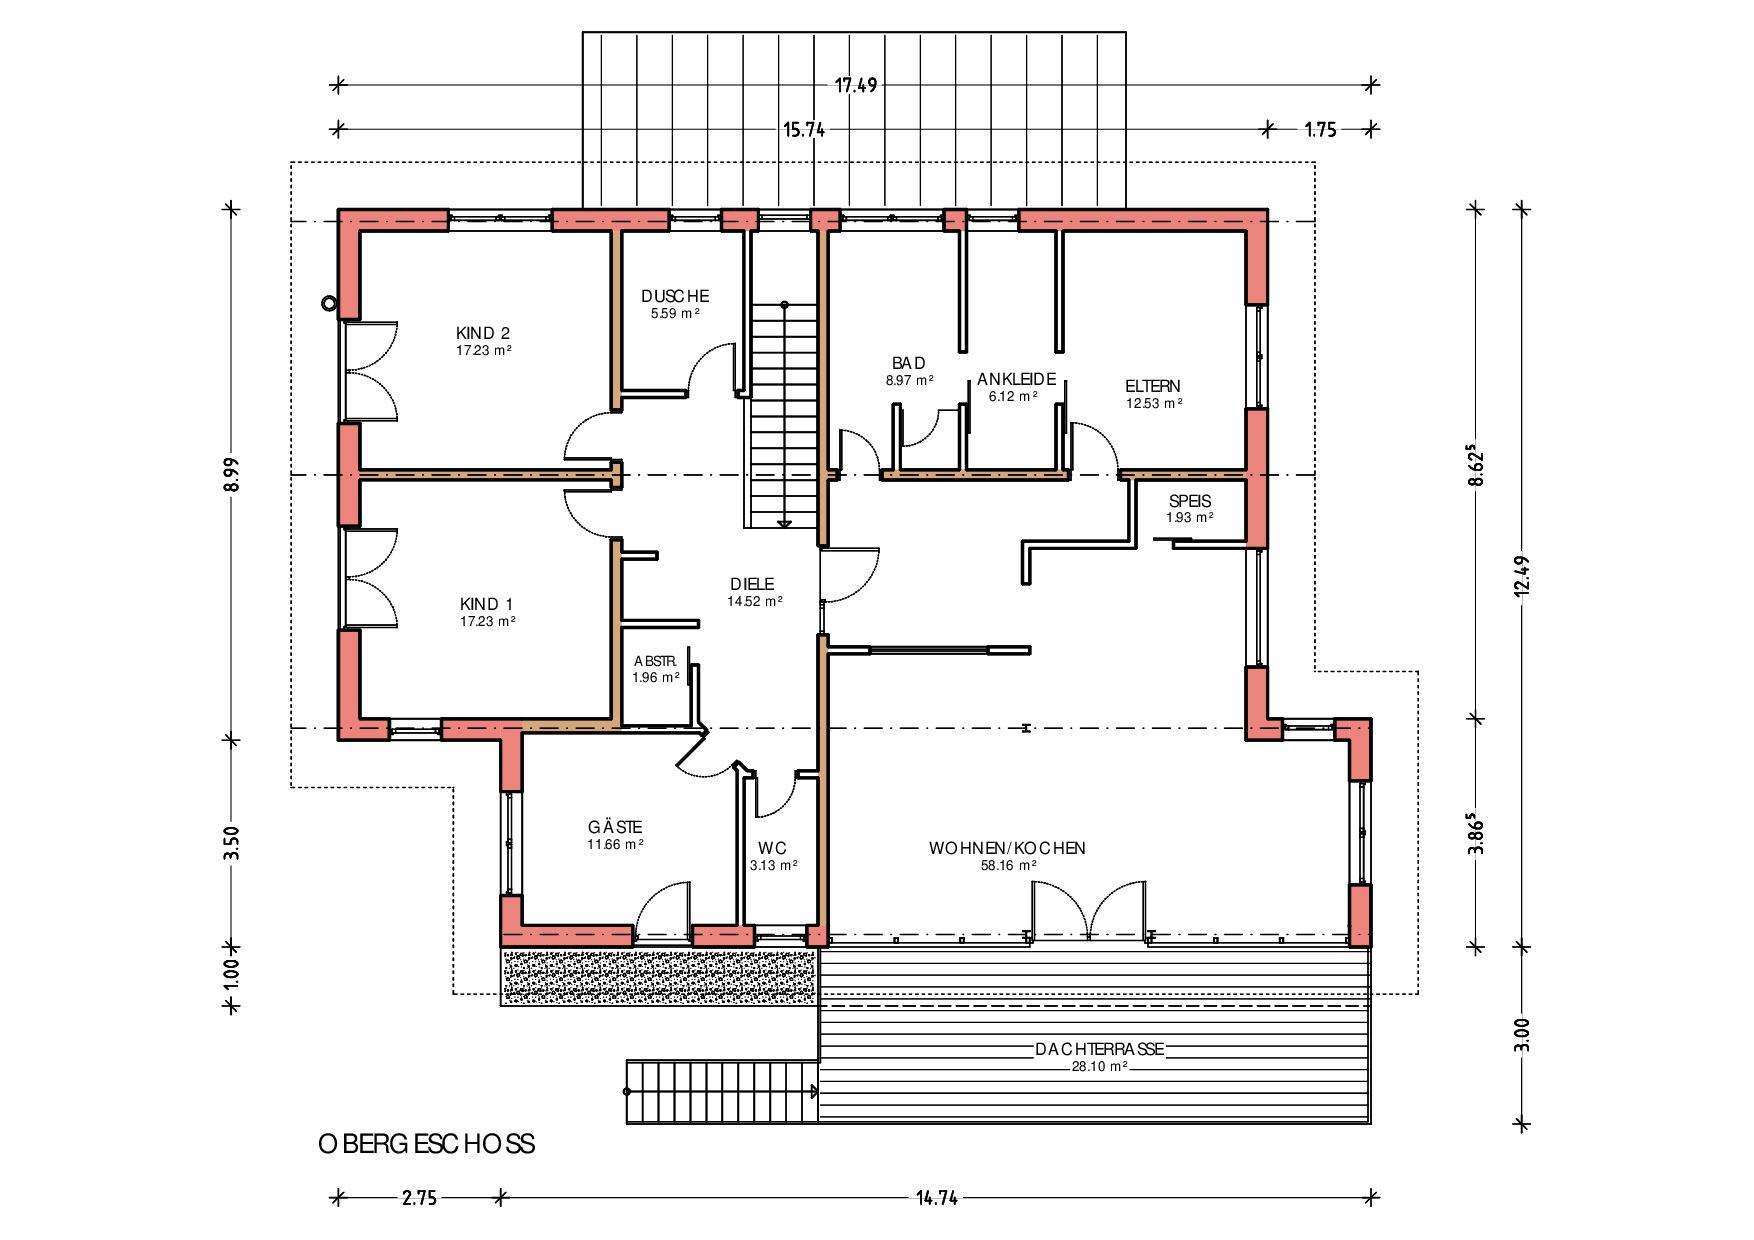 Grundriss, Obergeschoss, Neubau Wohn- und Geschäftshaus in Heimenkirch